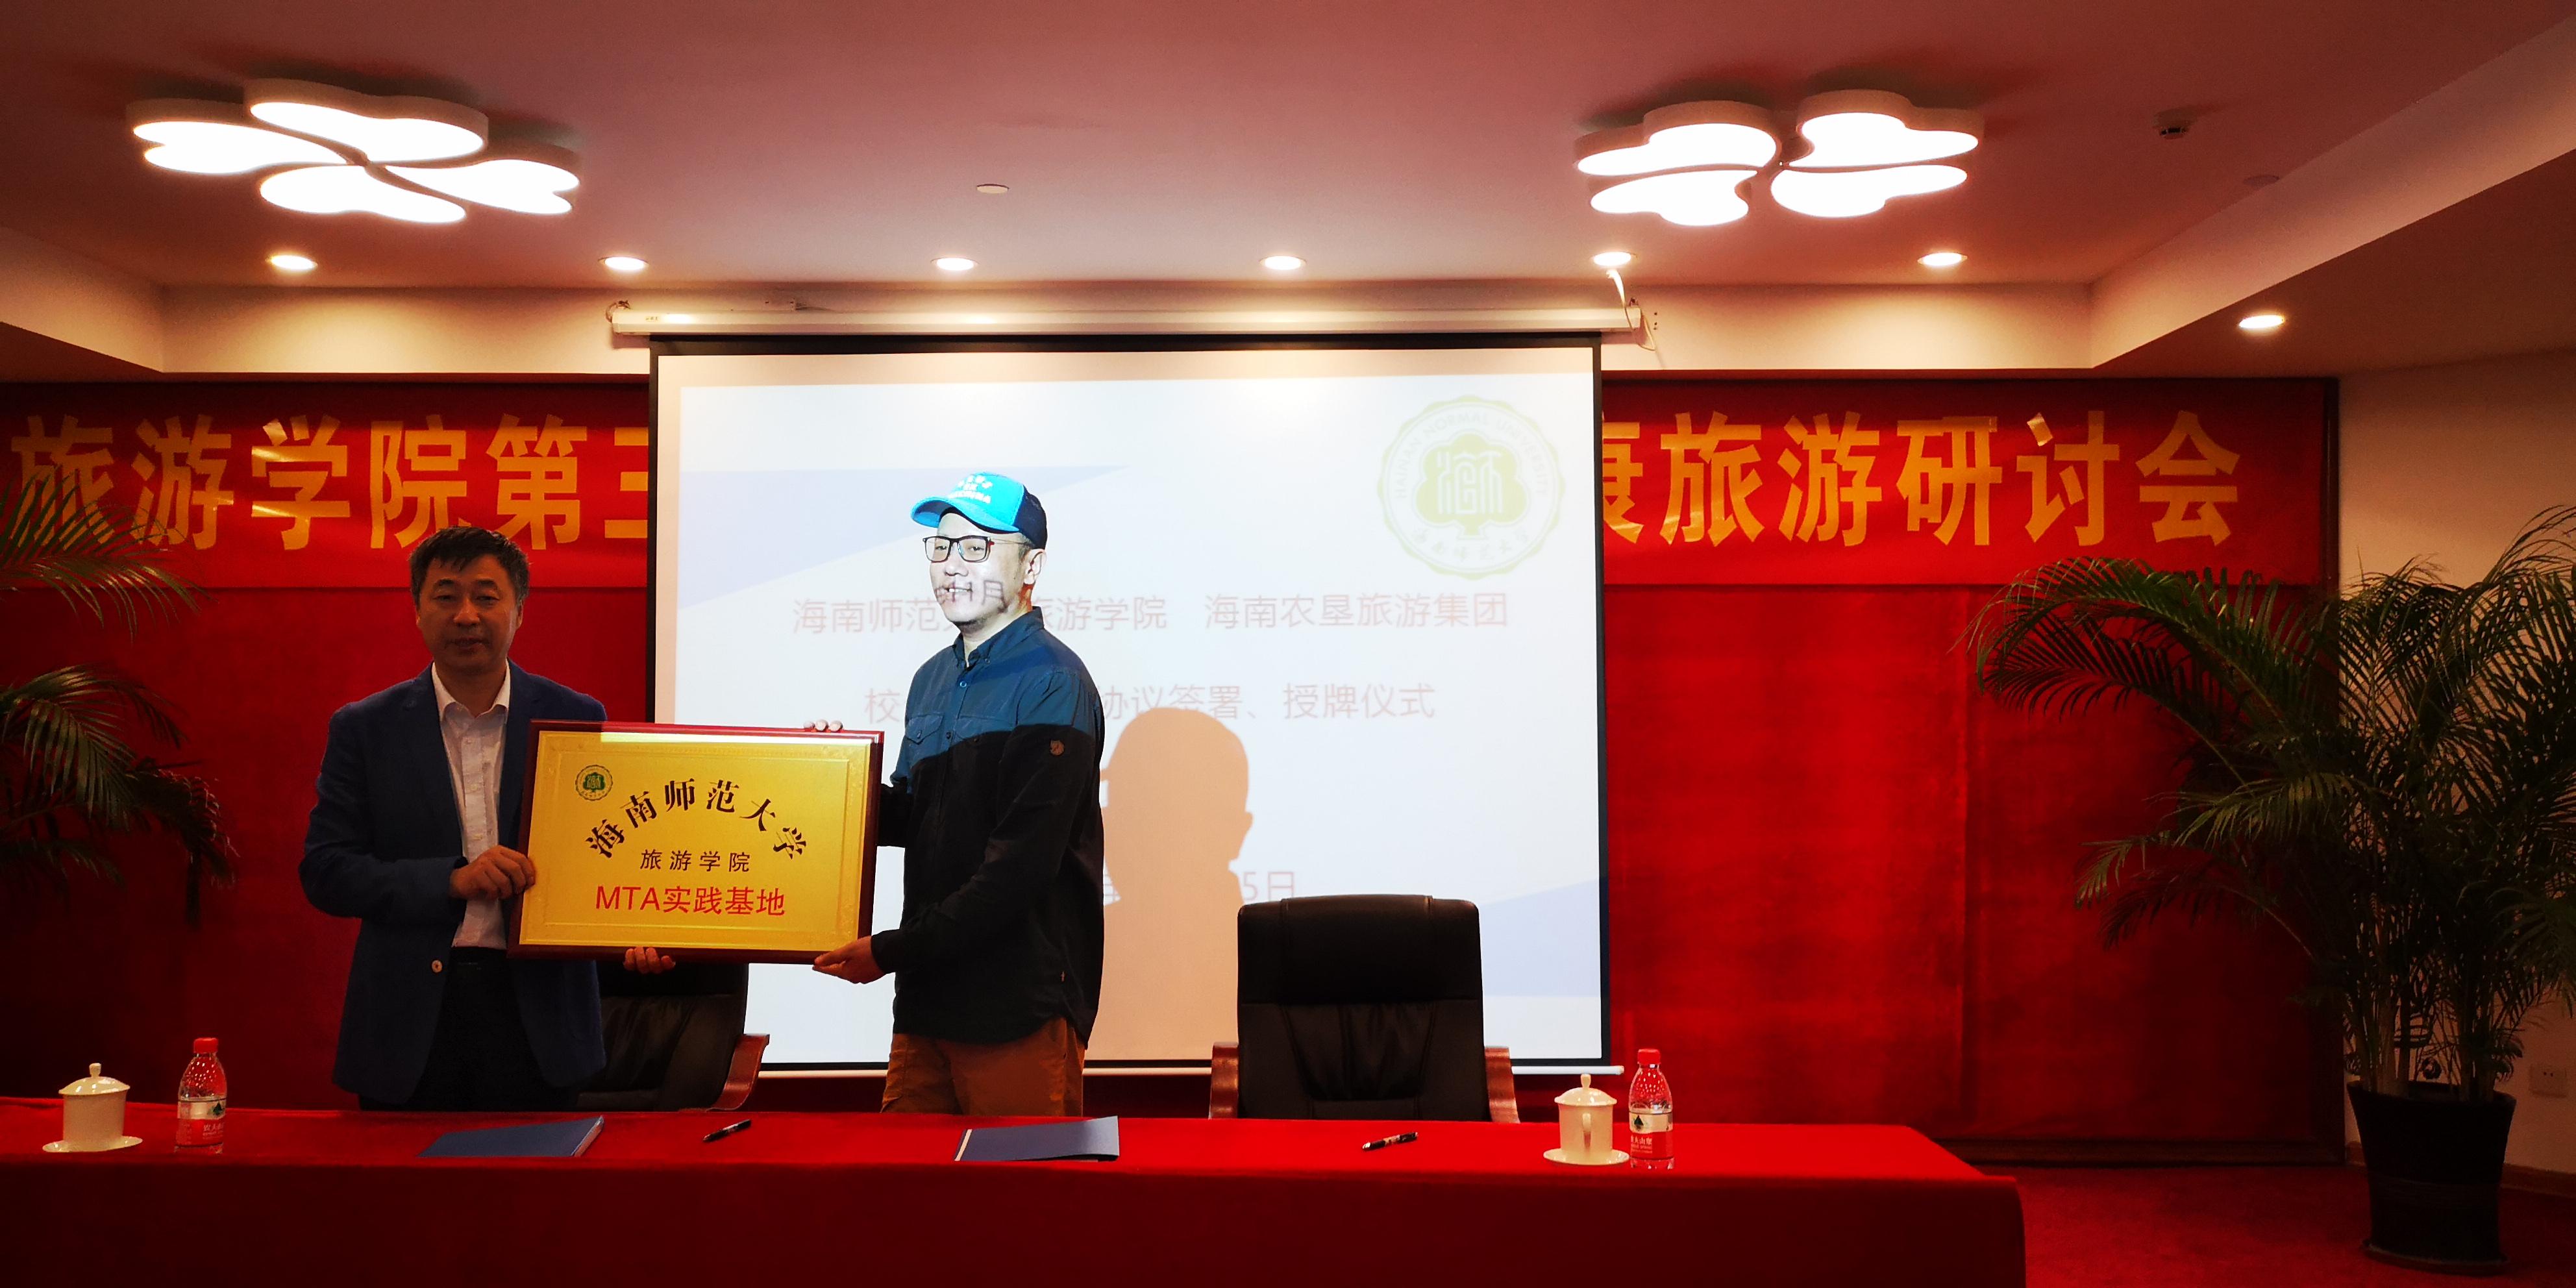 """关于举办""""健康旅游""""研讨会暨校企战略合作协议签署、授牌仪式"""